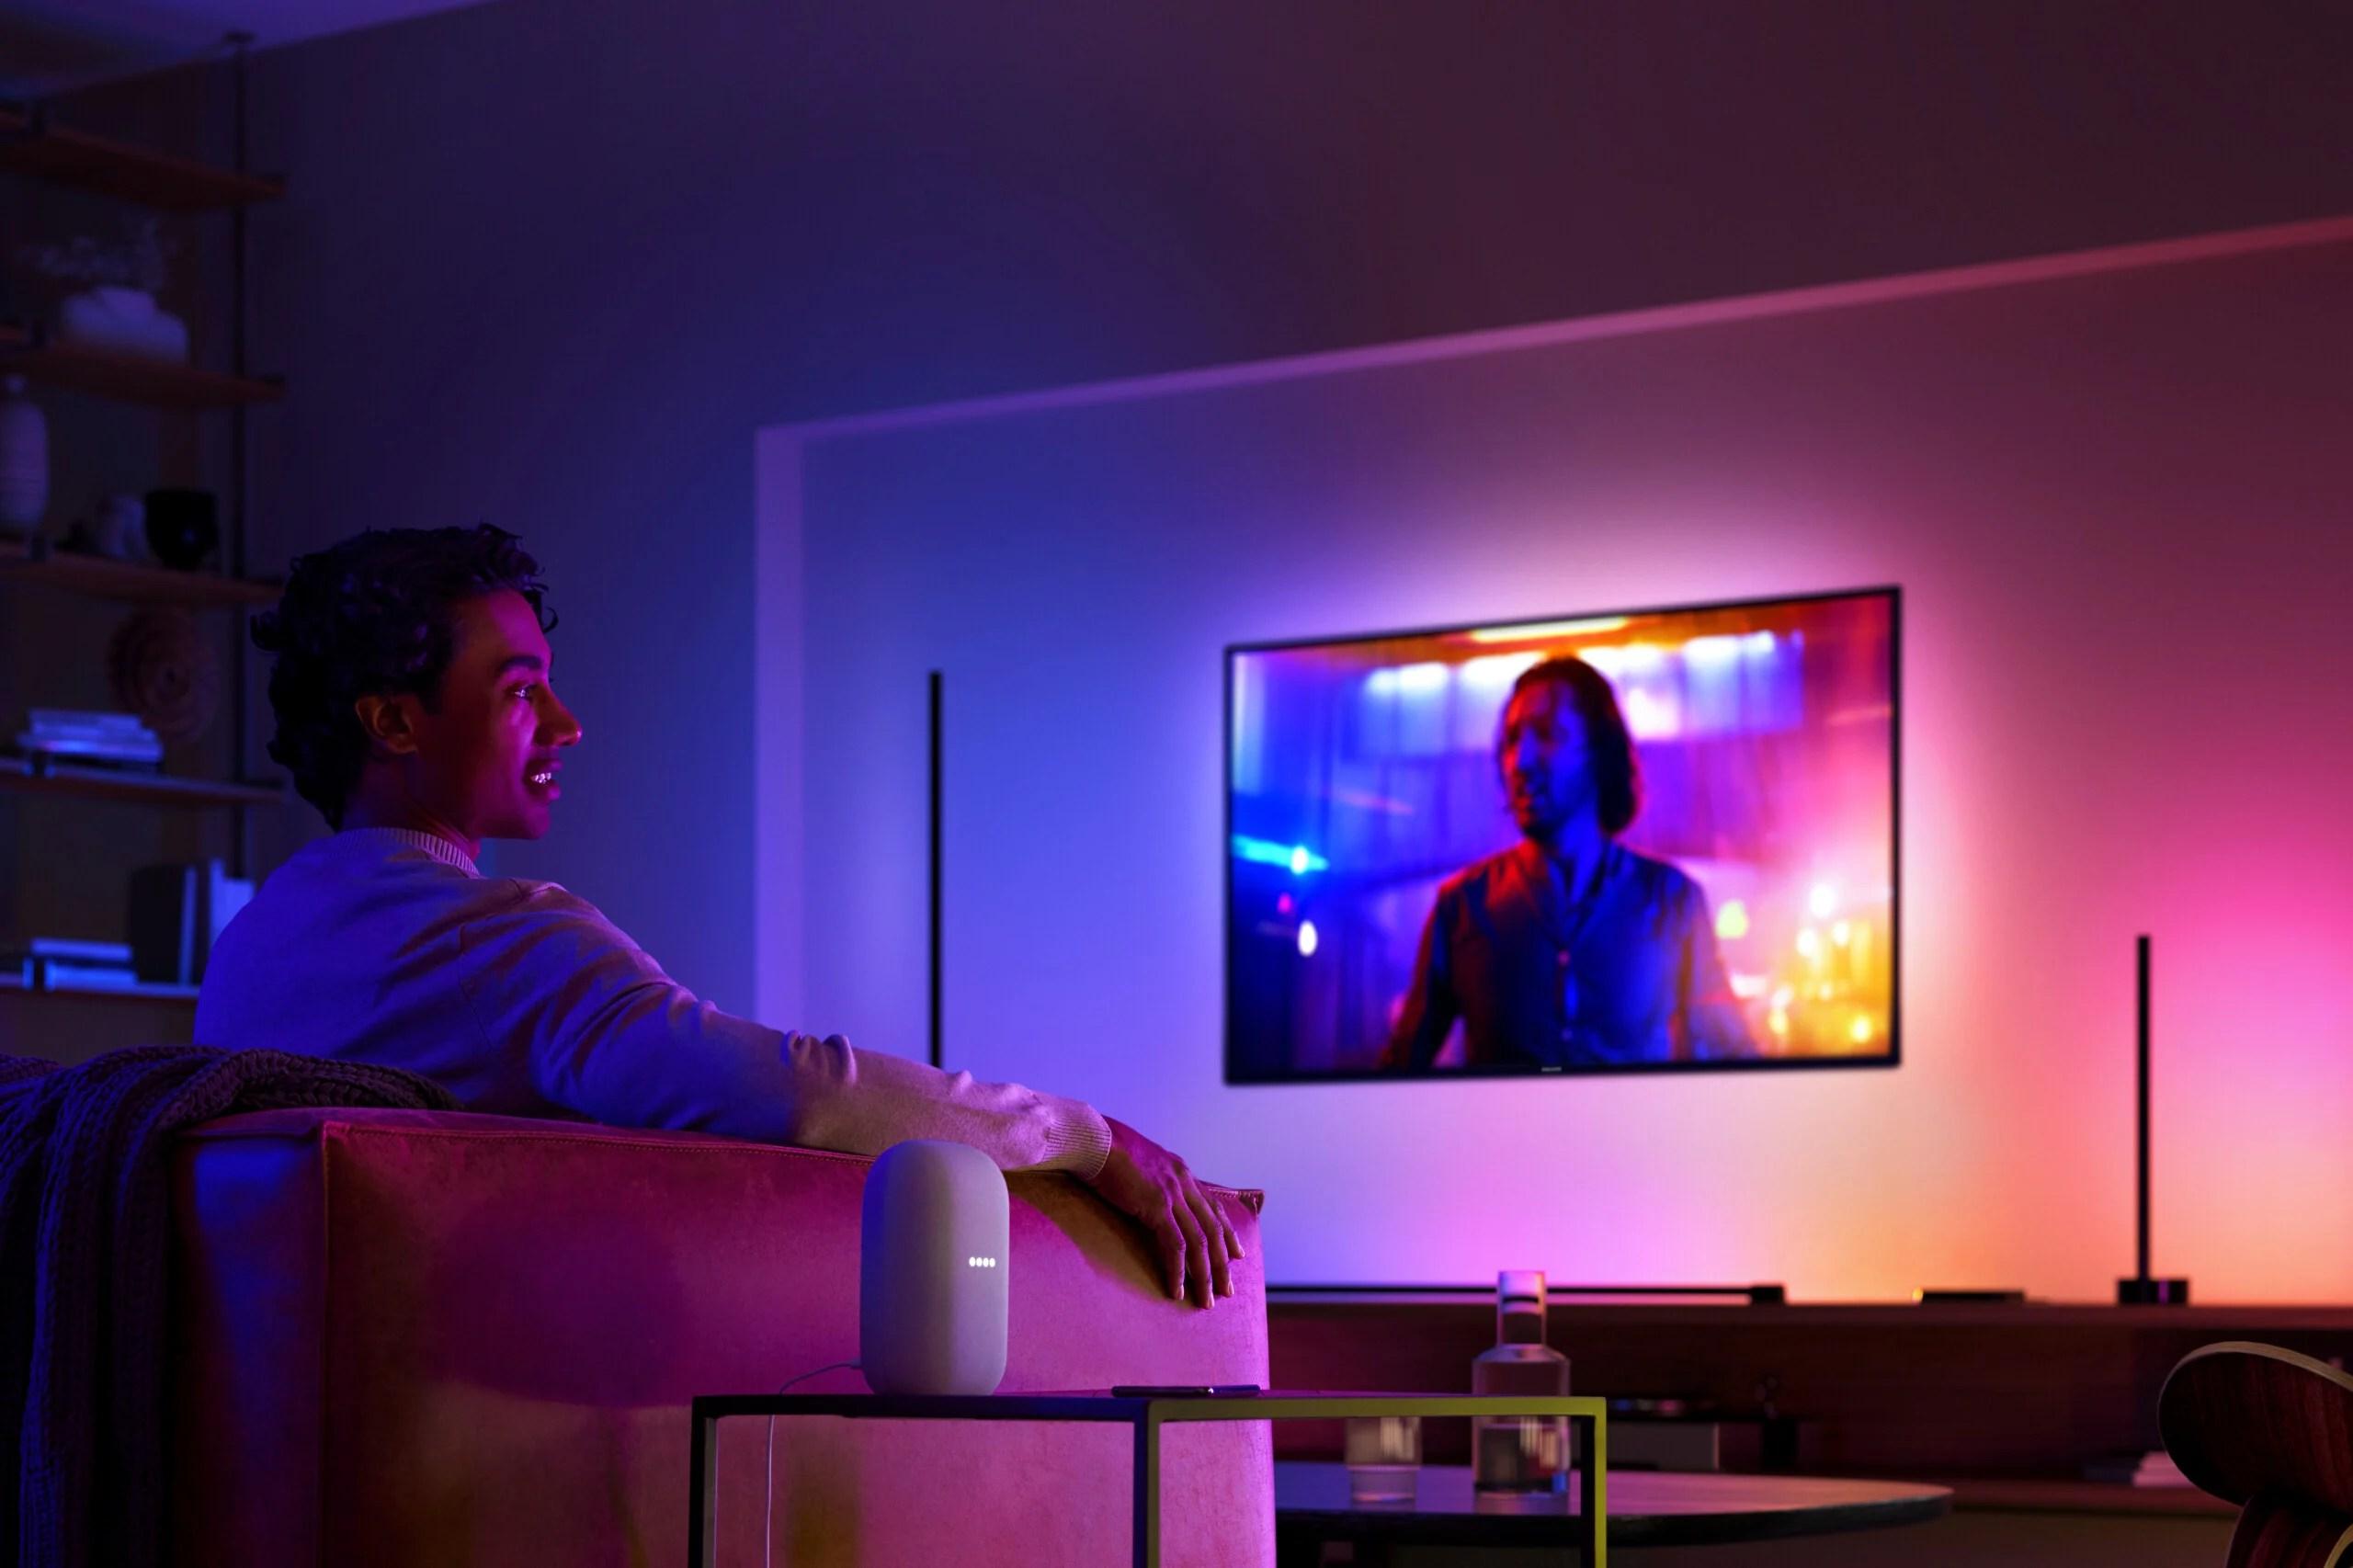 Plafonniers, tubes, bandeaux LED… Philips Hue fait le plein de nouveautés pour pulser la lumière chez vous